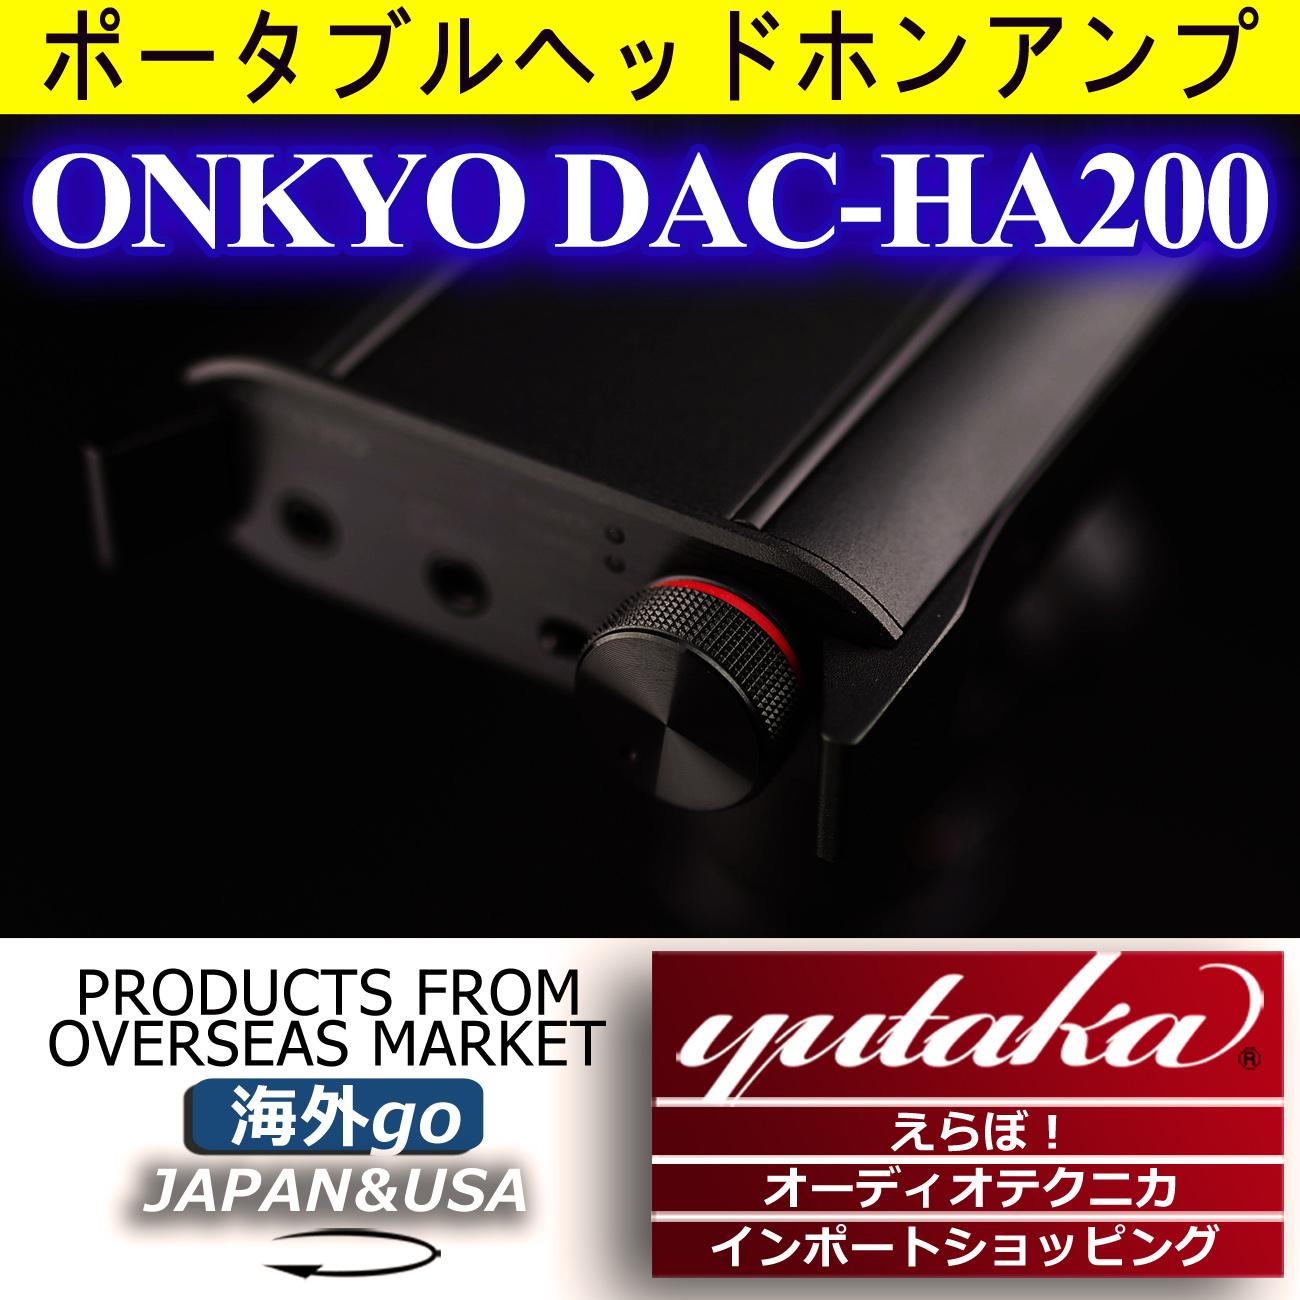 【 неповрежденный sf-экспресс 】 Onkyo / сейф мост DAC-HA200 ухо релиз dac декодирование устройство два дом PHA2a 3